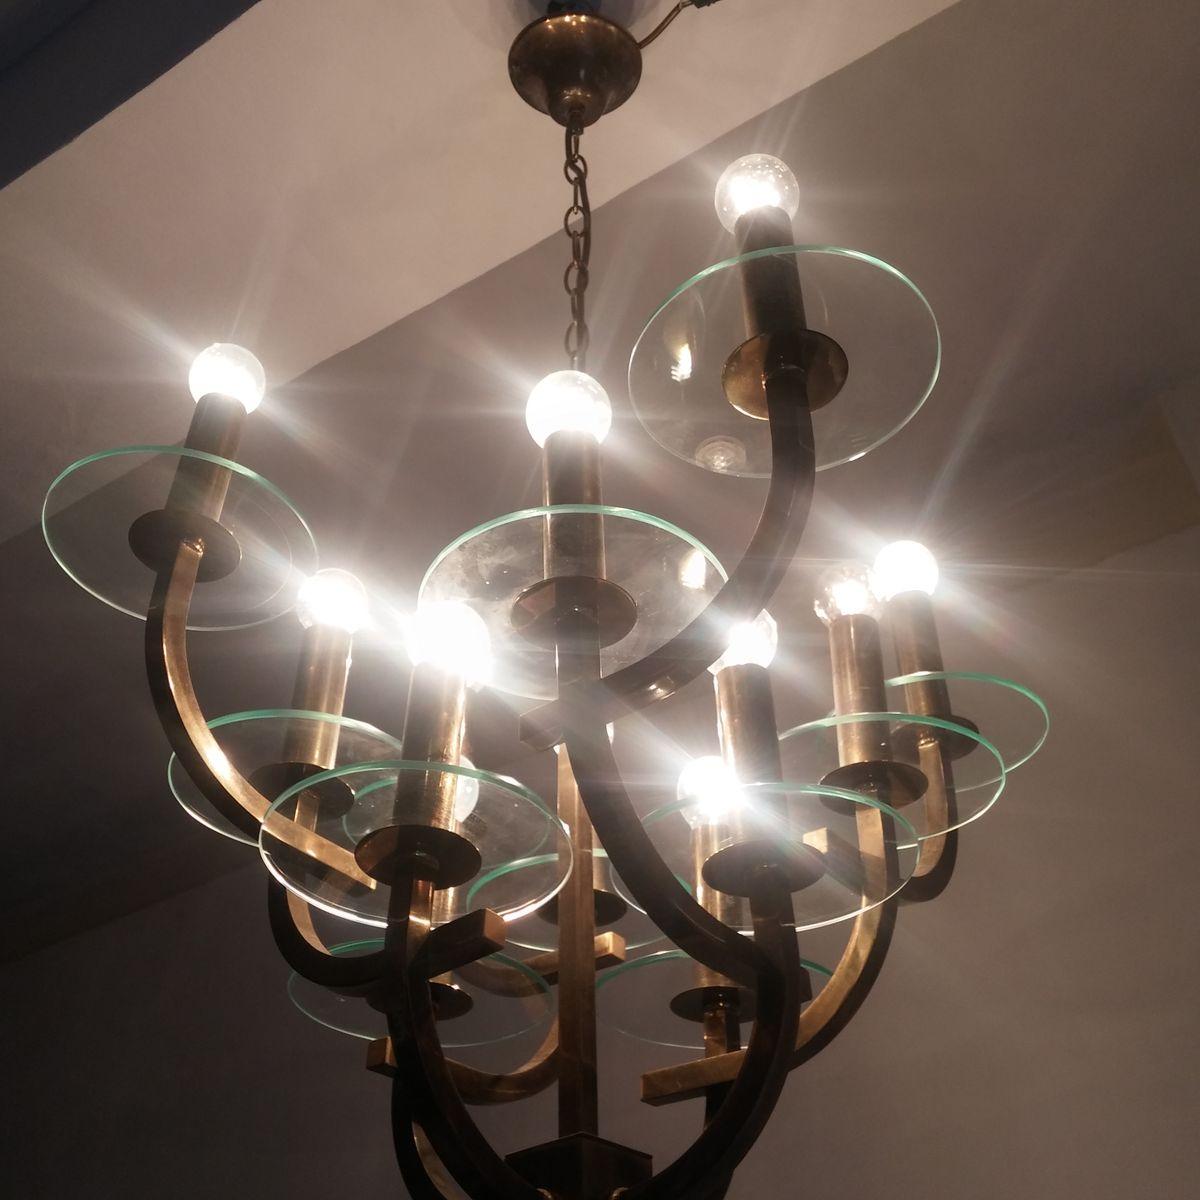 Mid century kronleuchter mit zw lf lampen bei pamono kaufen for Lampen niederlande